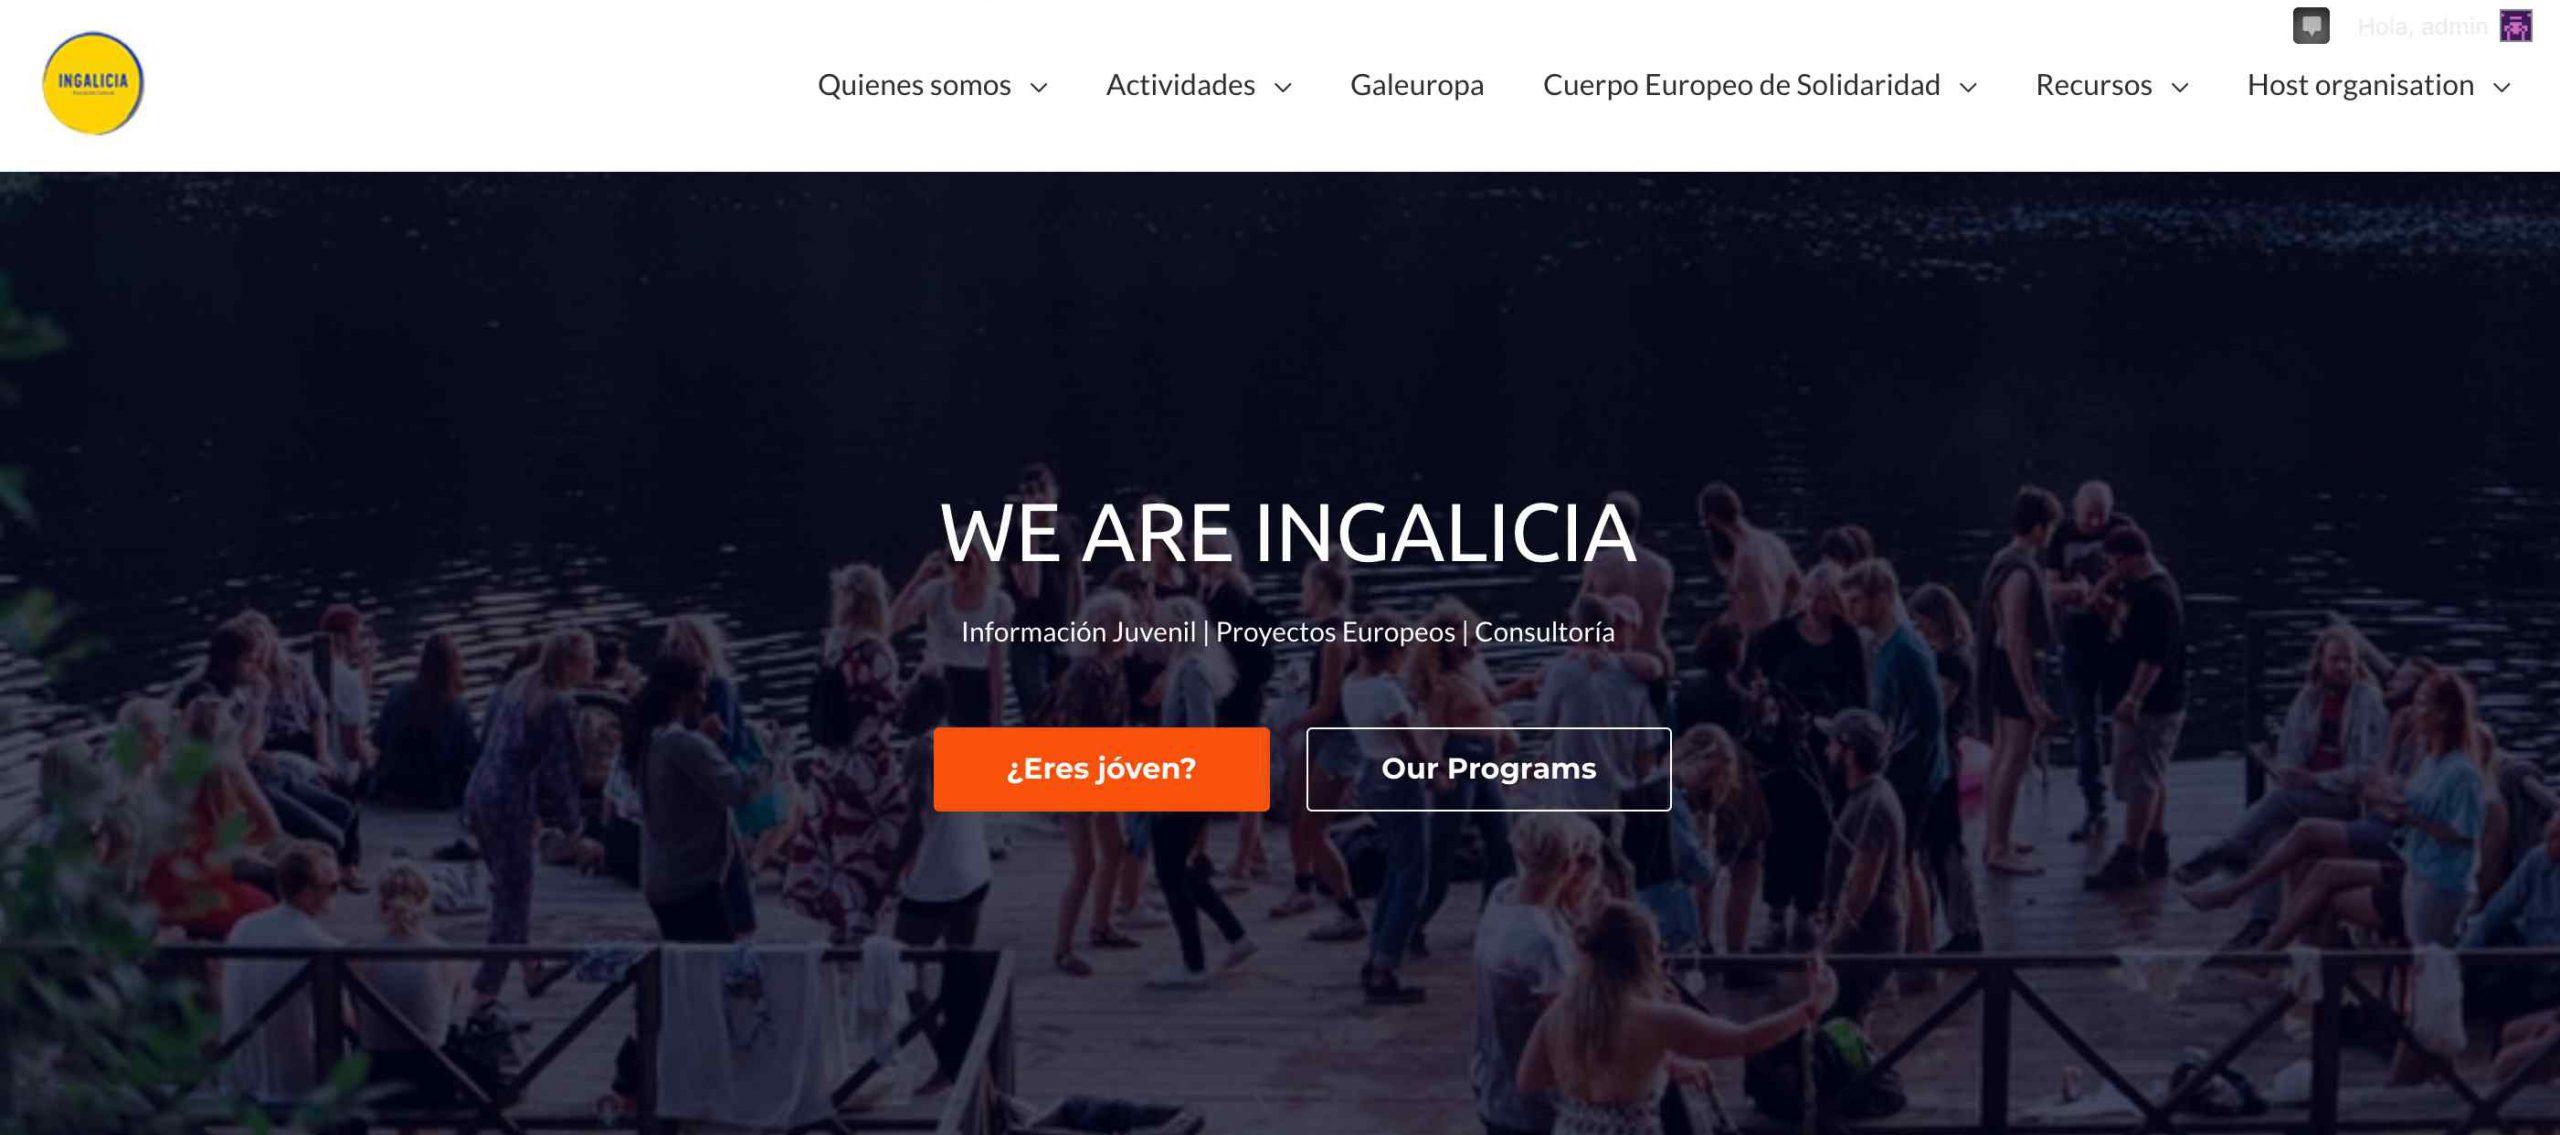 ingalicia.org-nino-versace